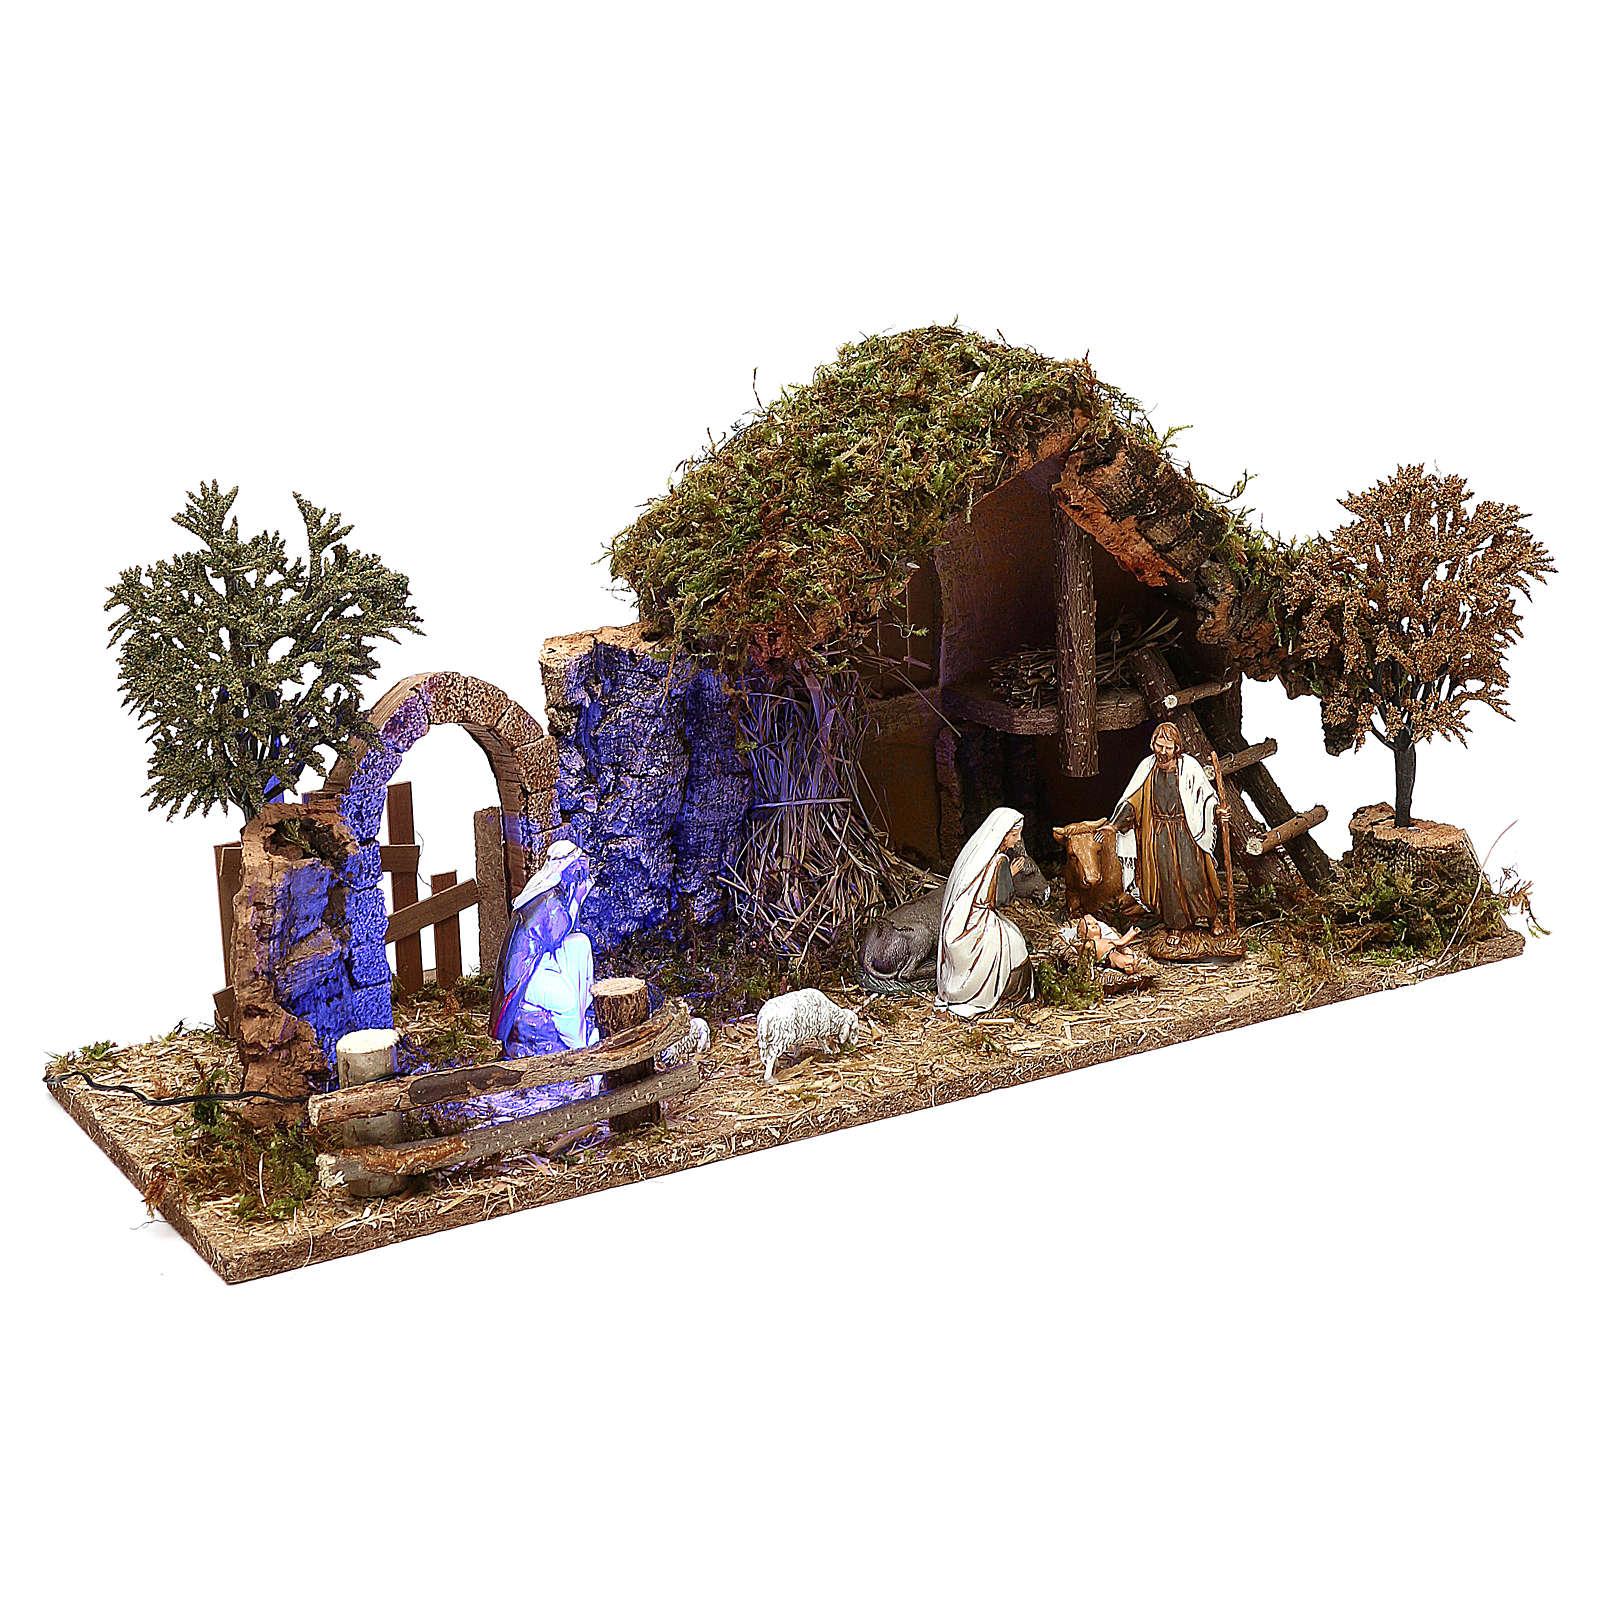 Cabana com arco cena nocturna com natividade para presépio Moranduzzo com figuras de 10 cm de altura média 4